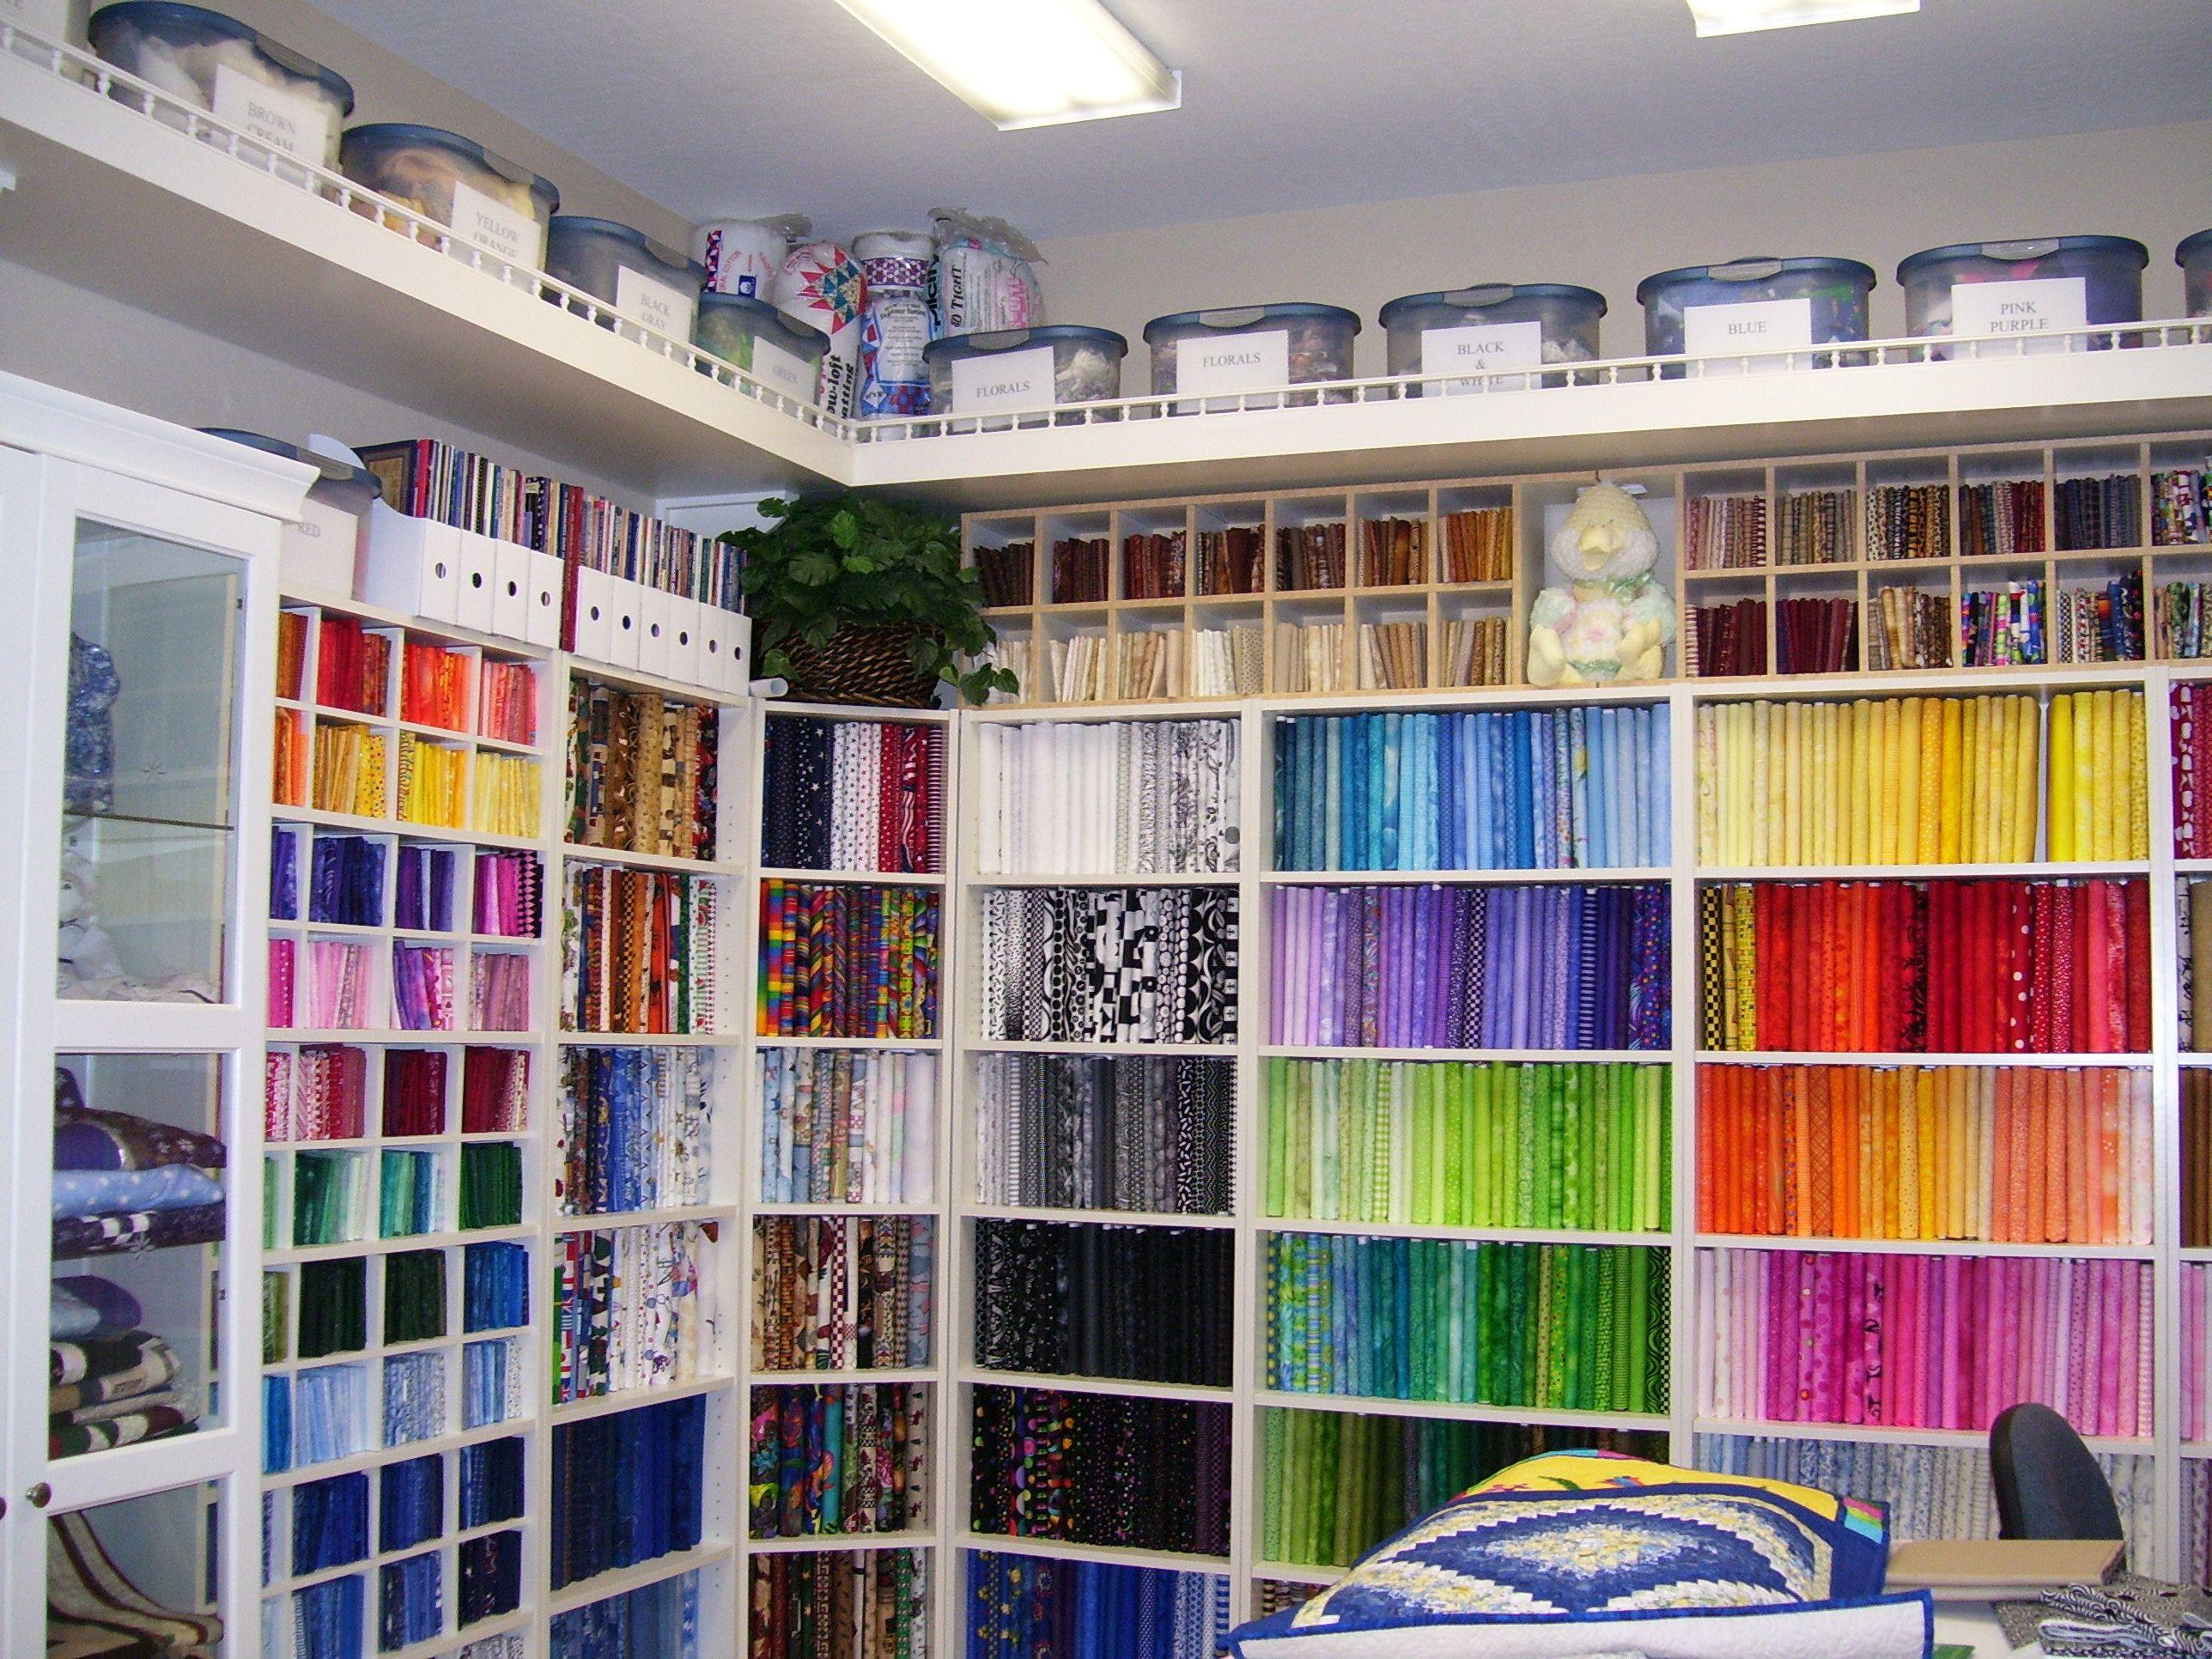 Quilting Room Quilt Sewing Craft Storage Ideas Pinterest. SaveEnlarge & Quilt Room Storage Ideas - Listitdallas